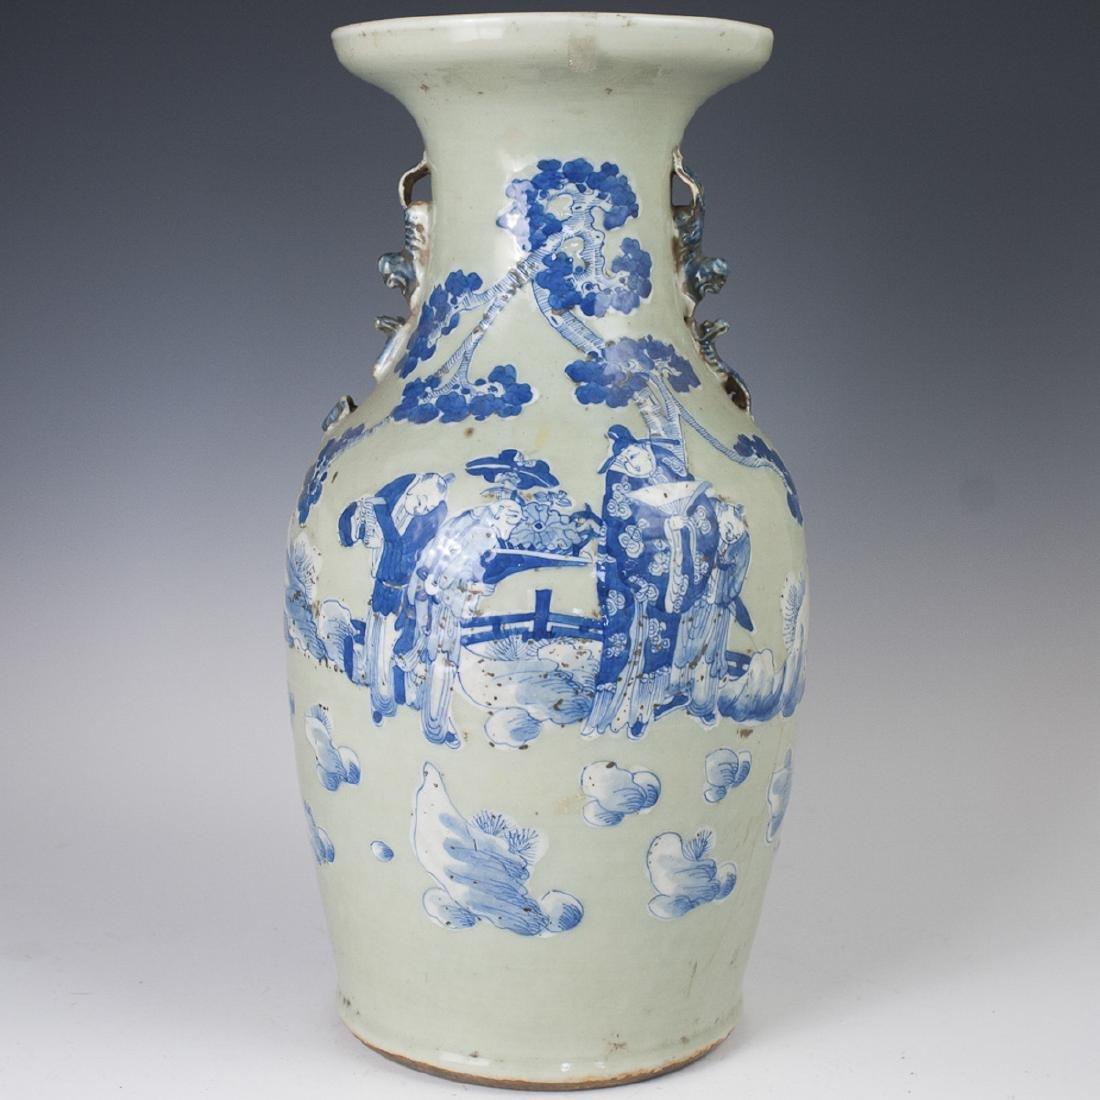 Antique Chinese Celadon Porcelain Baluster Vase